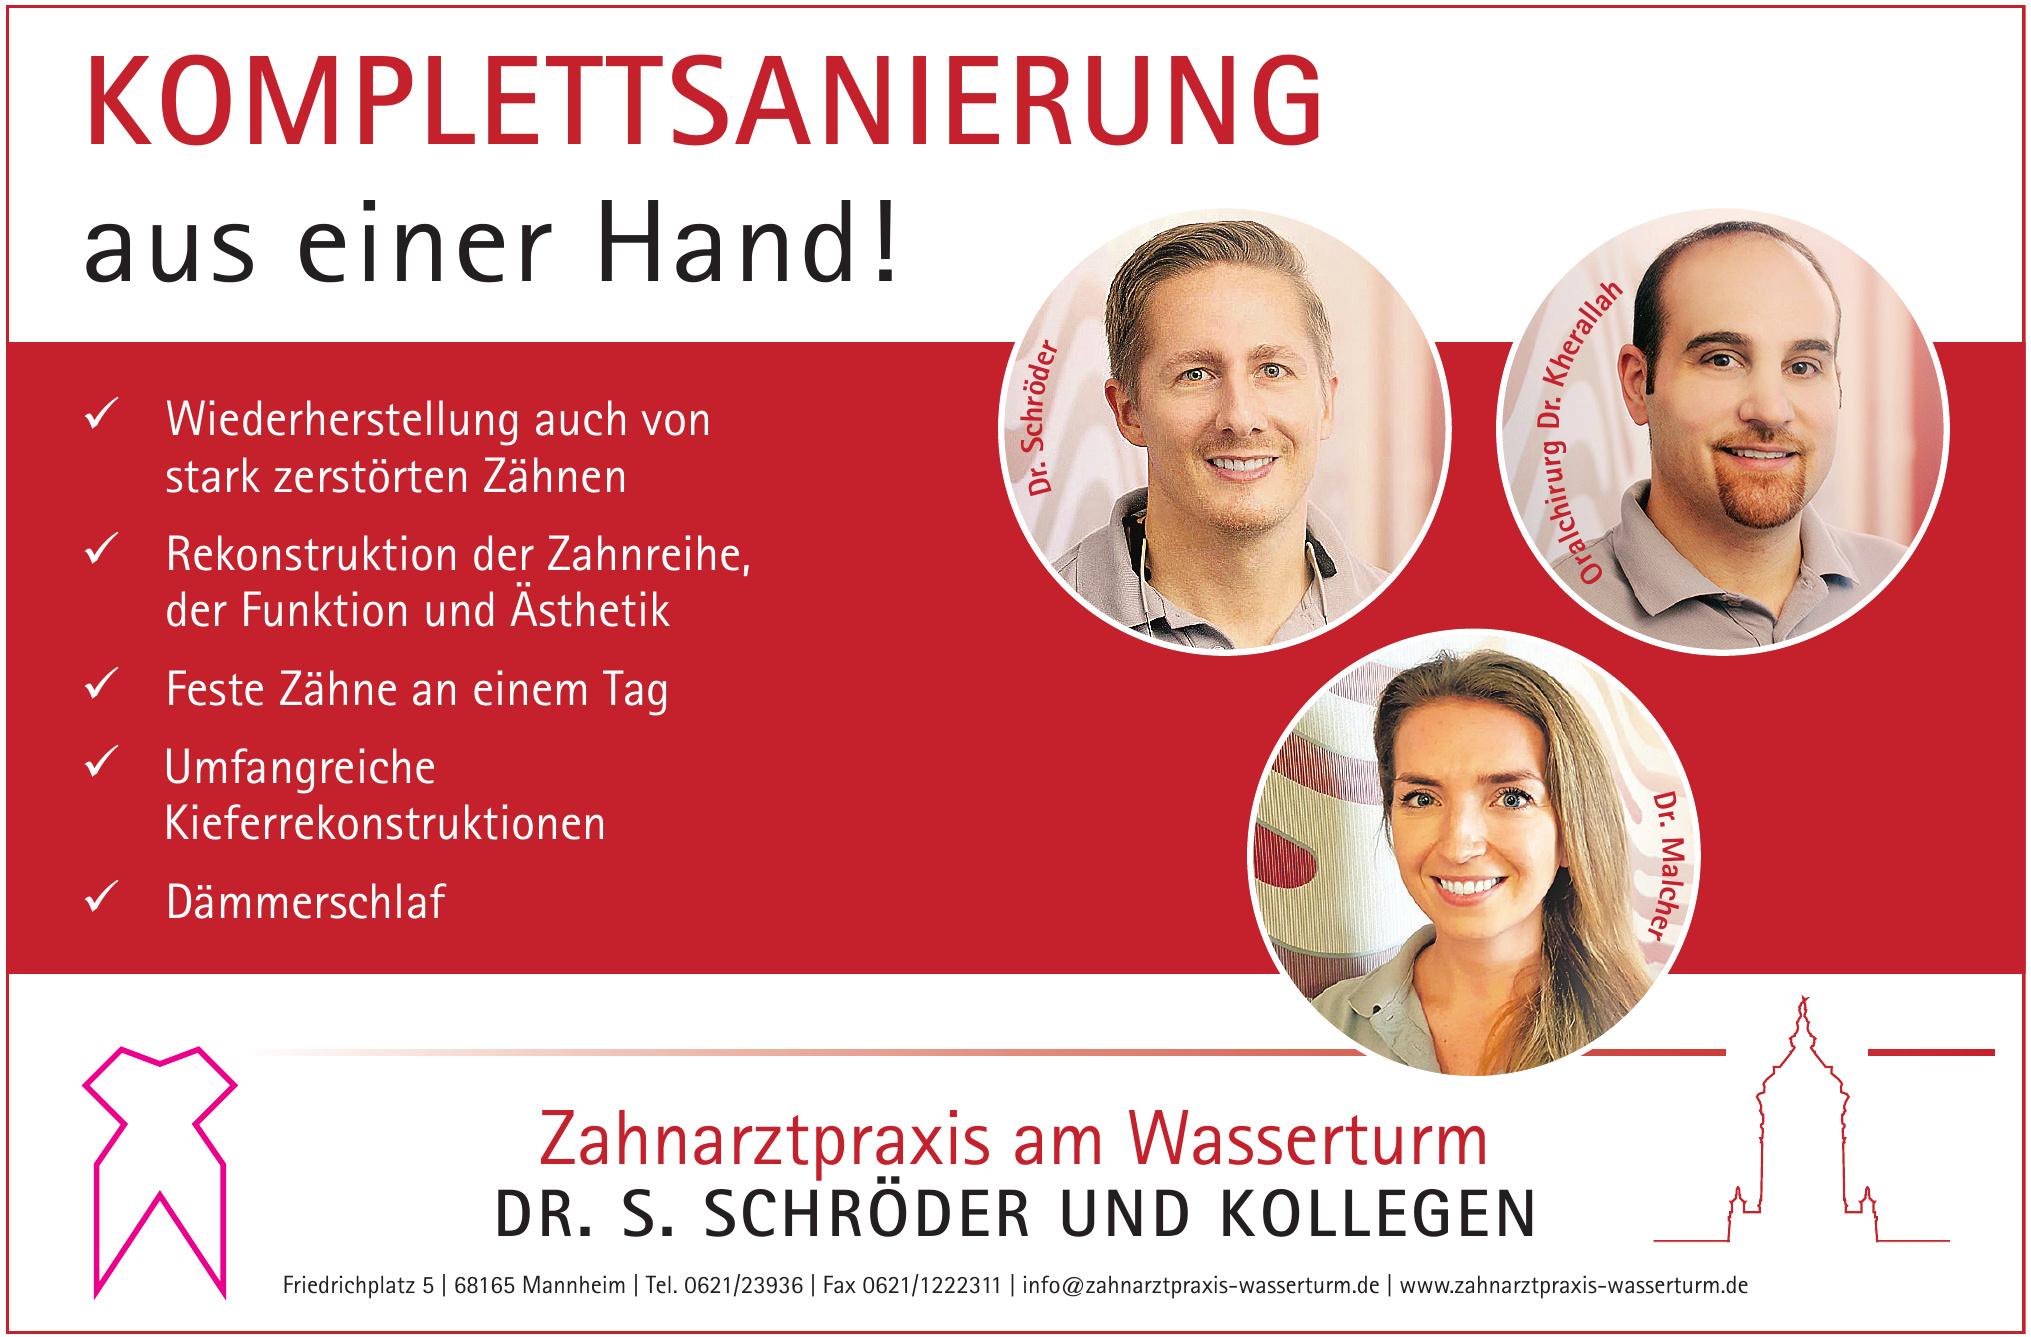 Zahnarztpraxis am Wasserturm Dr. S. Schröder und Kollegen